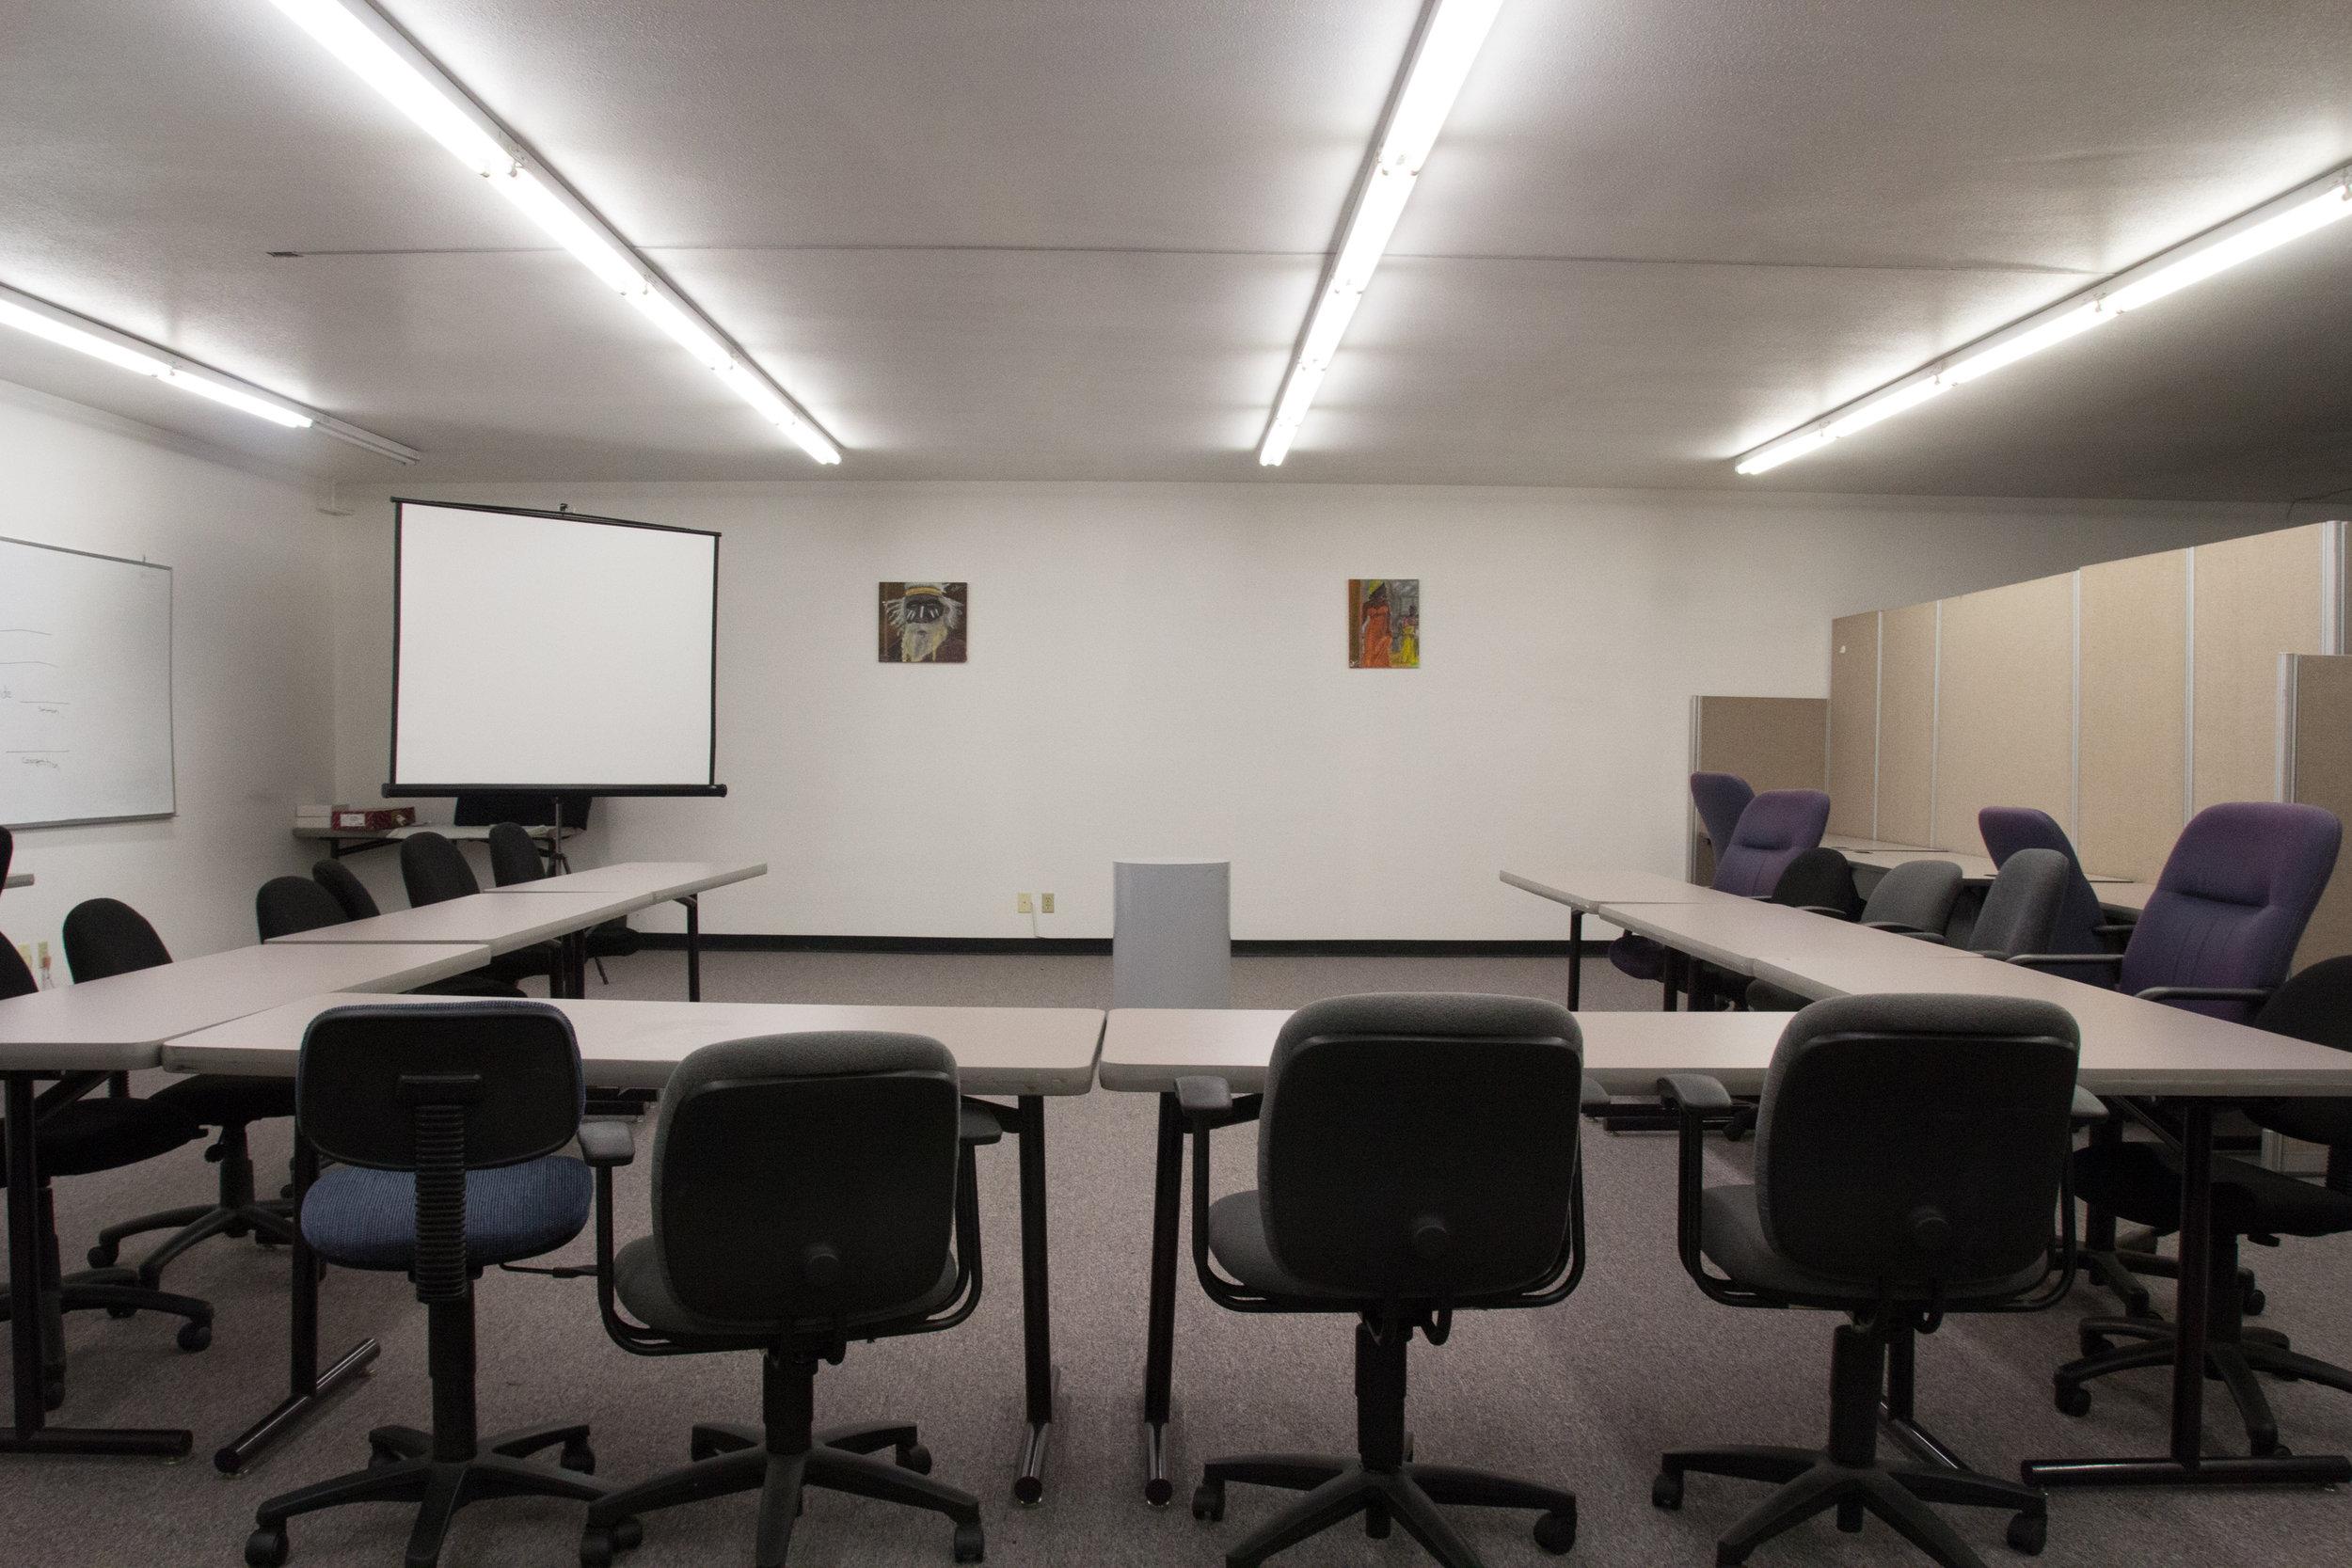 Training Room (11- 50 people)